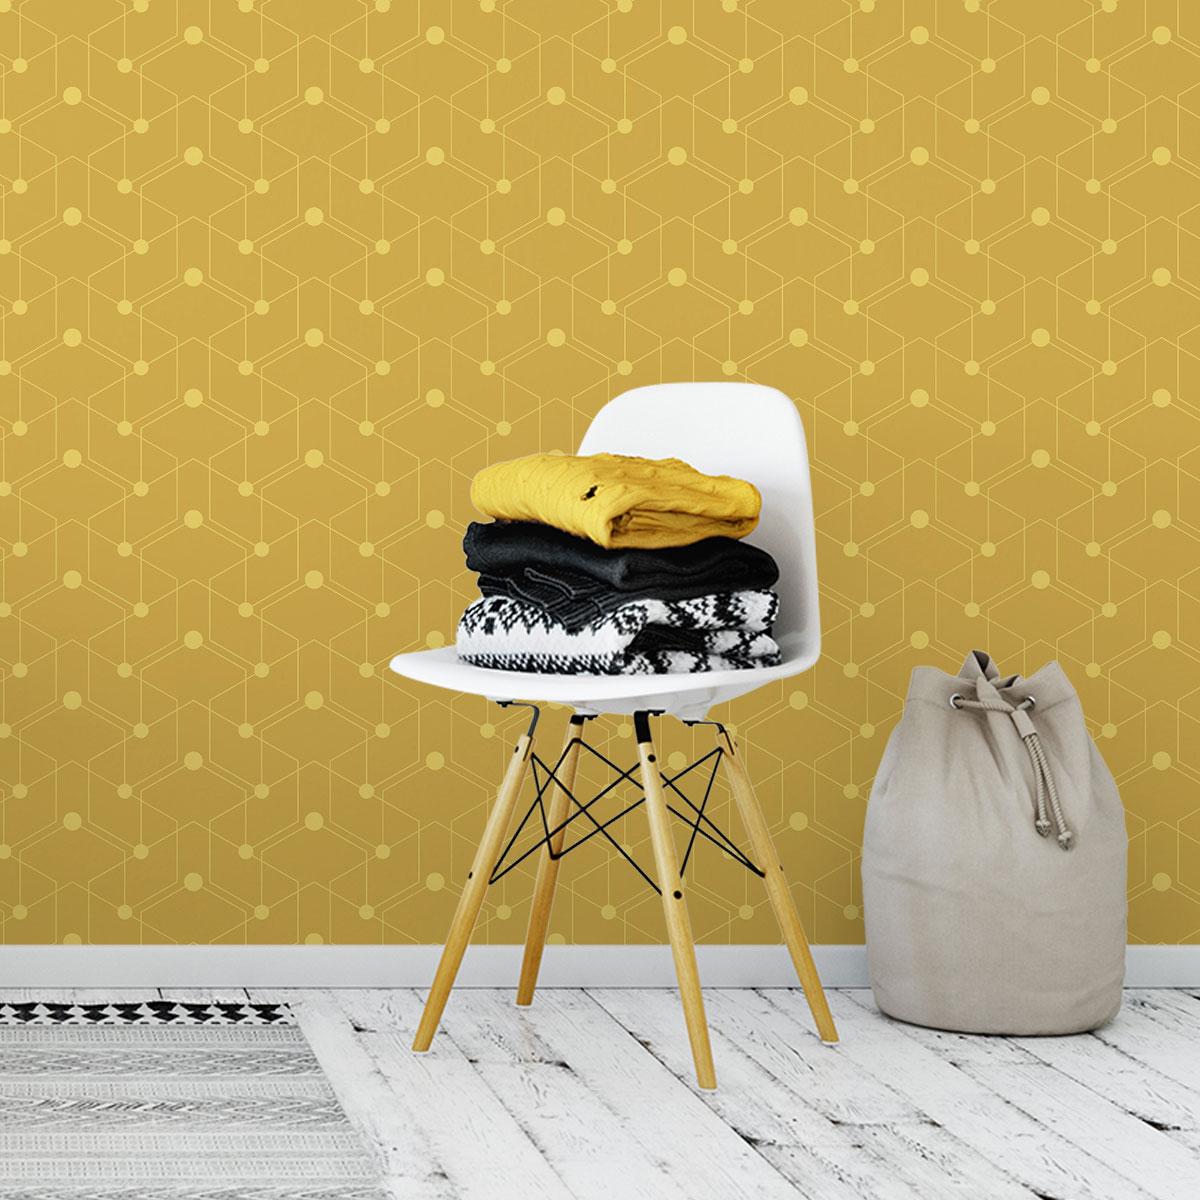 """Auffallende grafische Tapete """"Celestial Dots"""" großes Muster in gelb angepasst an Ikea Wandfarben - Vliestapete Grafisch"""